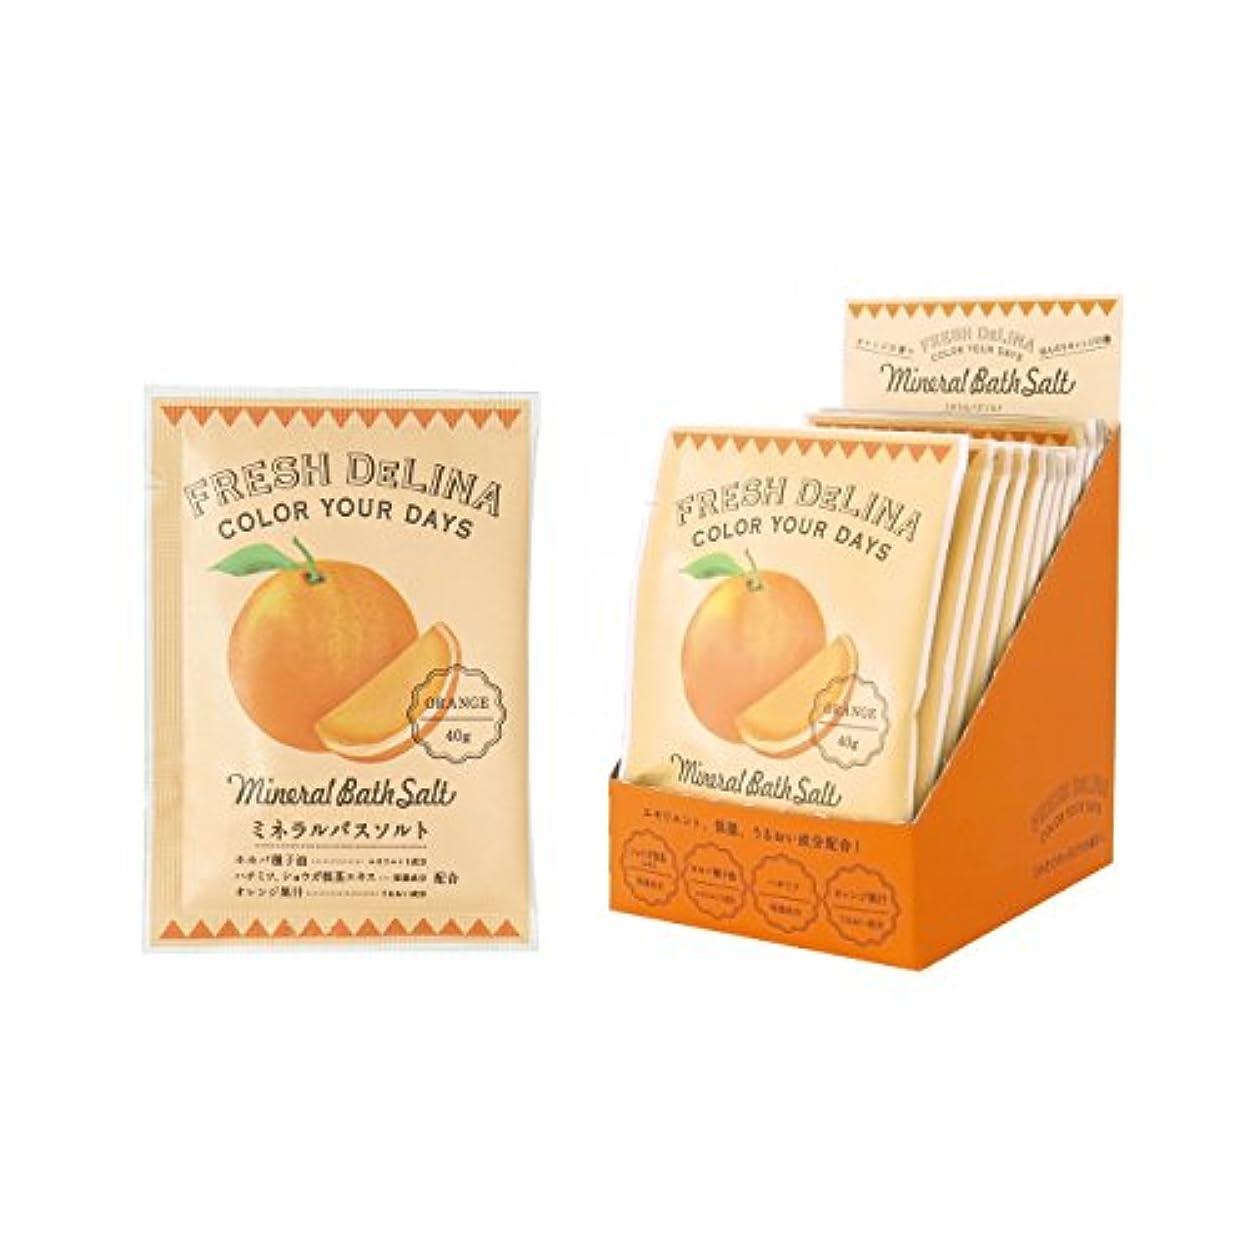 典型的な防ぐ剃るフレッシュデリーナ ミネラルバスソルト40g(オレンジ) 12個 (海塩タイプ入浴料 日本製 フレッシュな柑橘系の香り)